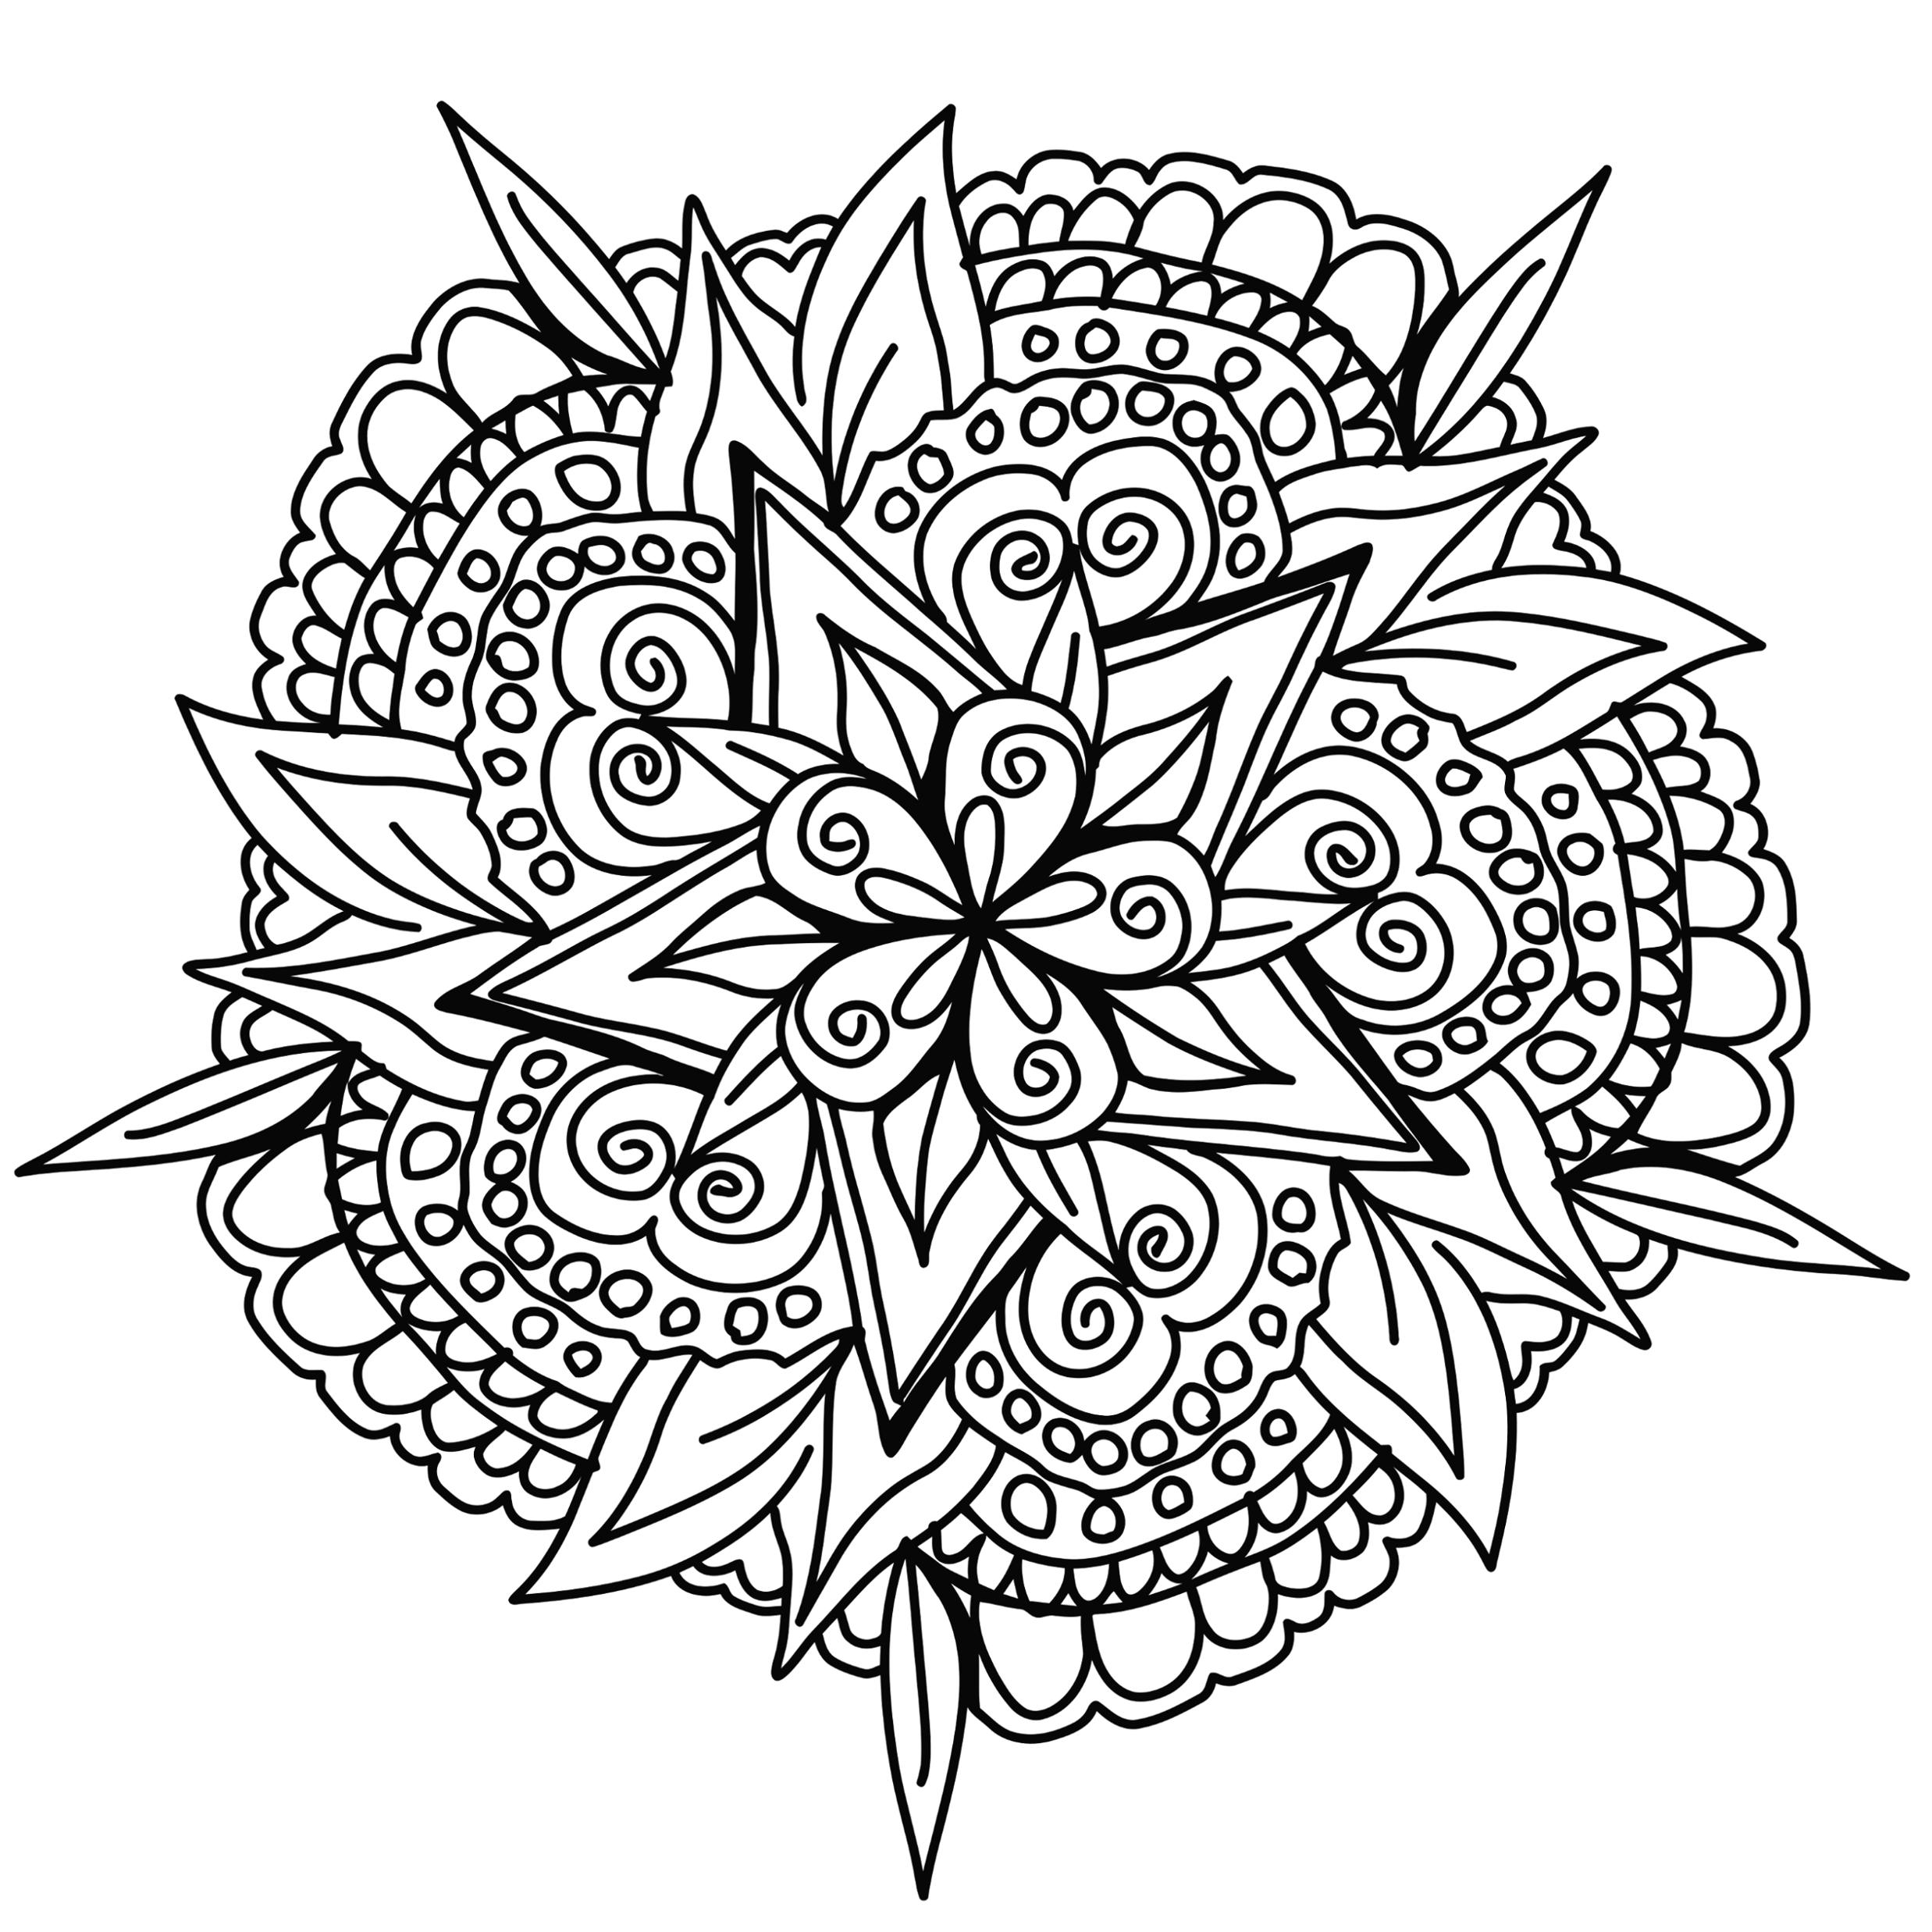 Kostenlose Mandalavorlagen Zum Herunterladen Mandala Vorlage Ausmalbilder Zeichnen Mandalas Zum Ausdrucken Mandala Zum Ausdrucken Mandala Malvorlagen